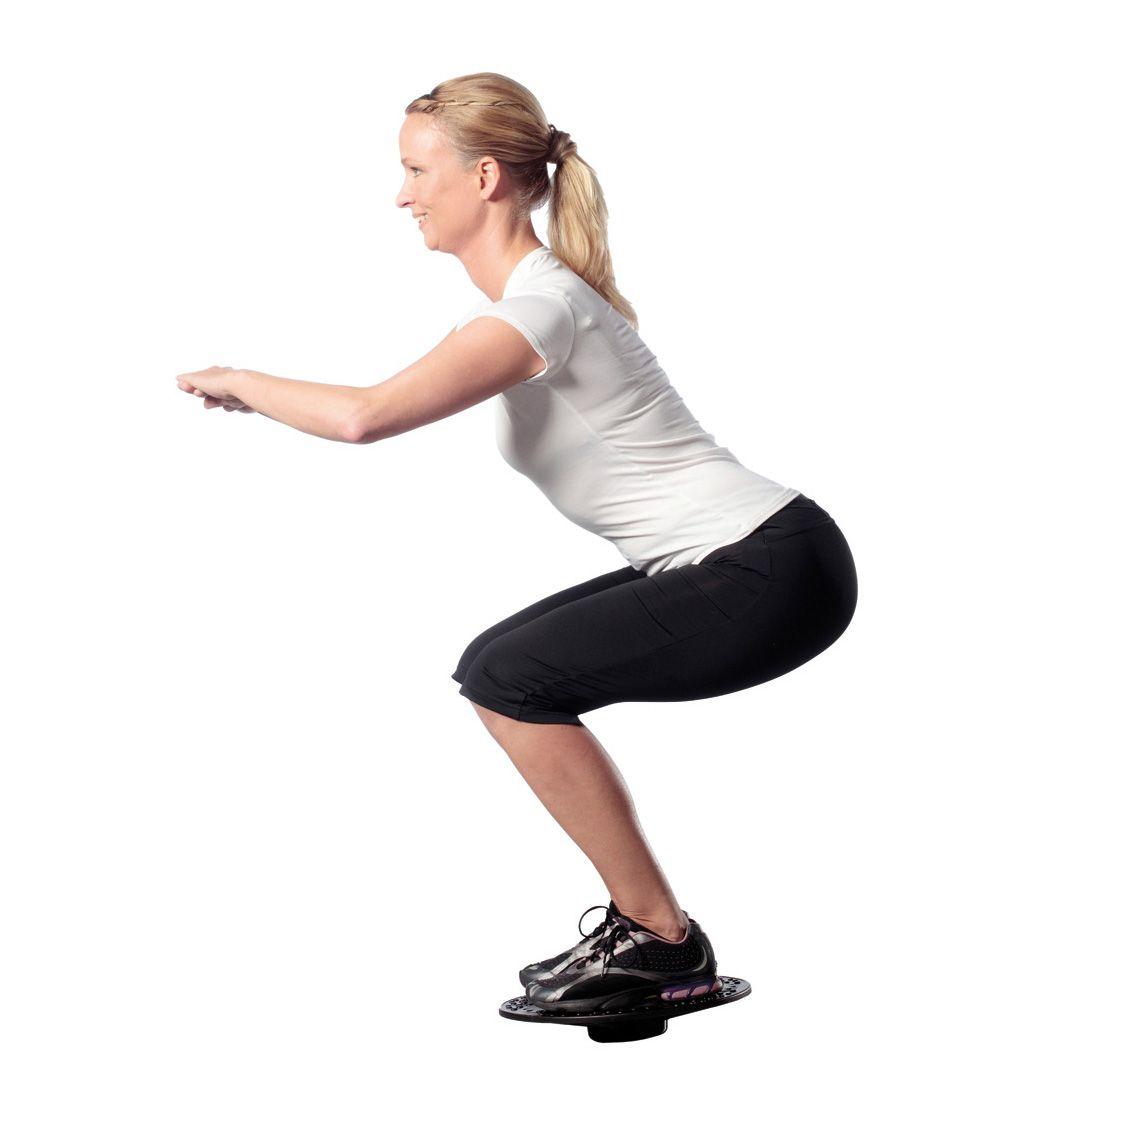 B Board Balance Your Workout: Kettler Balance Board 40cm